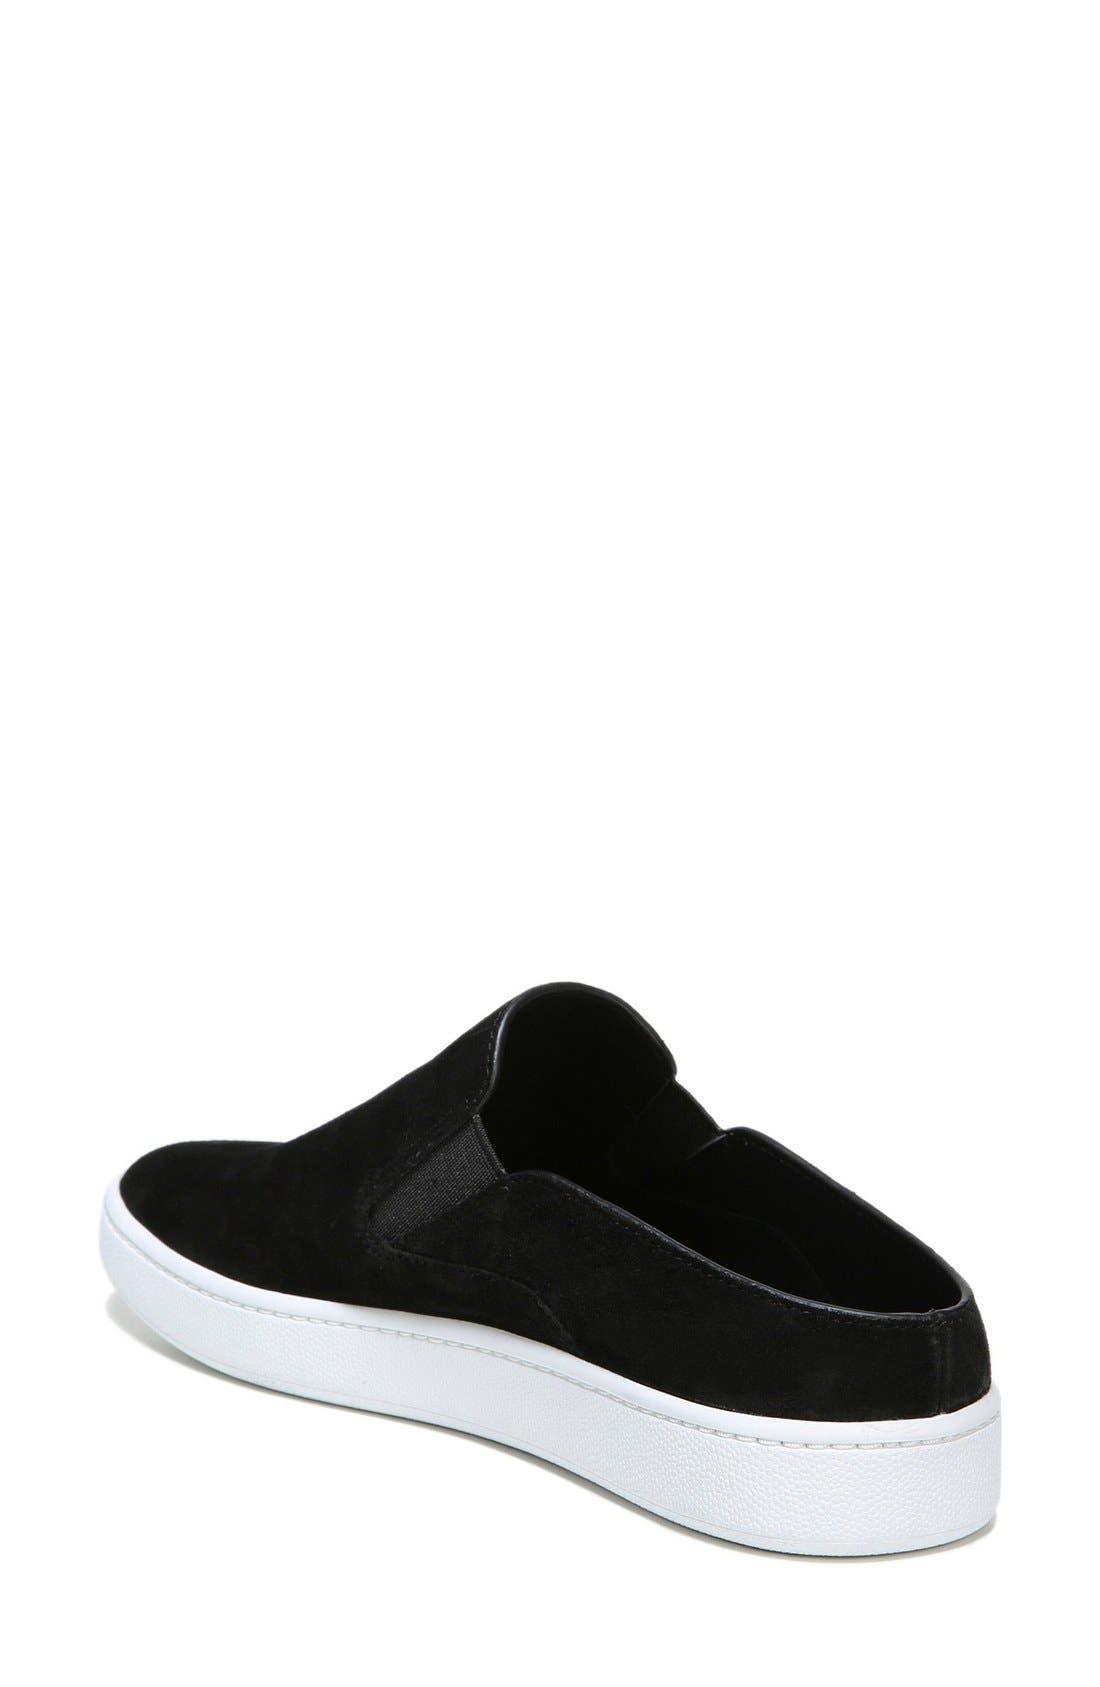 Verrell Slip-On Sneaker,                             Alternate thumbnail 2, color,                             Black Suede